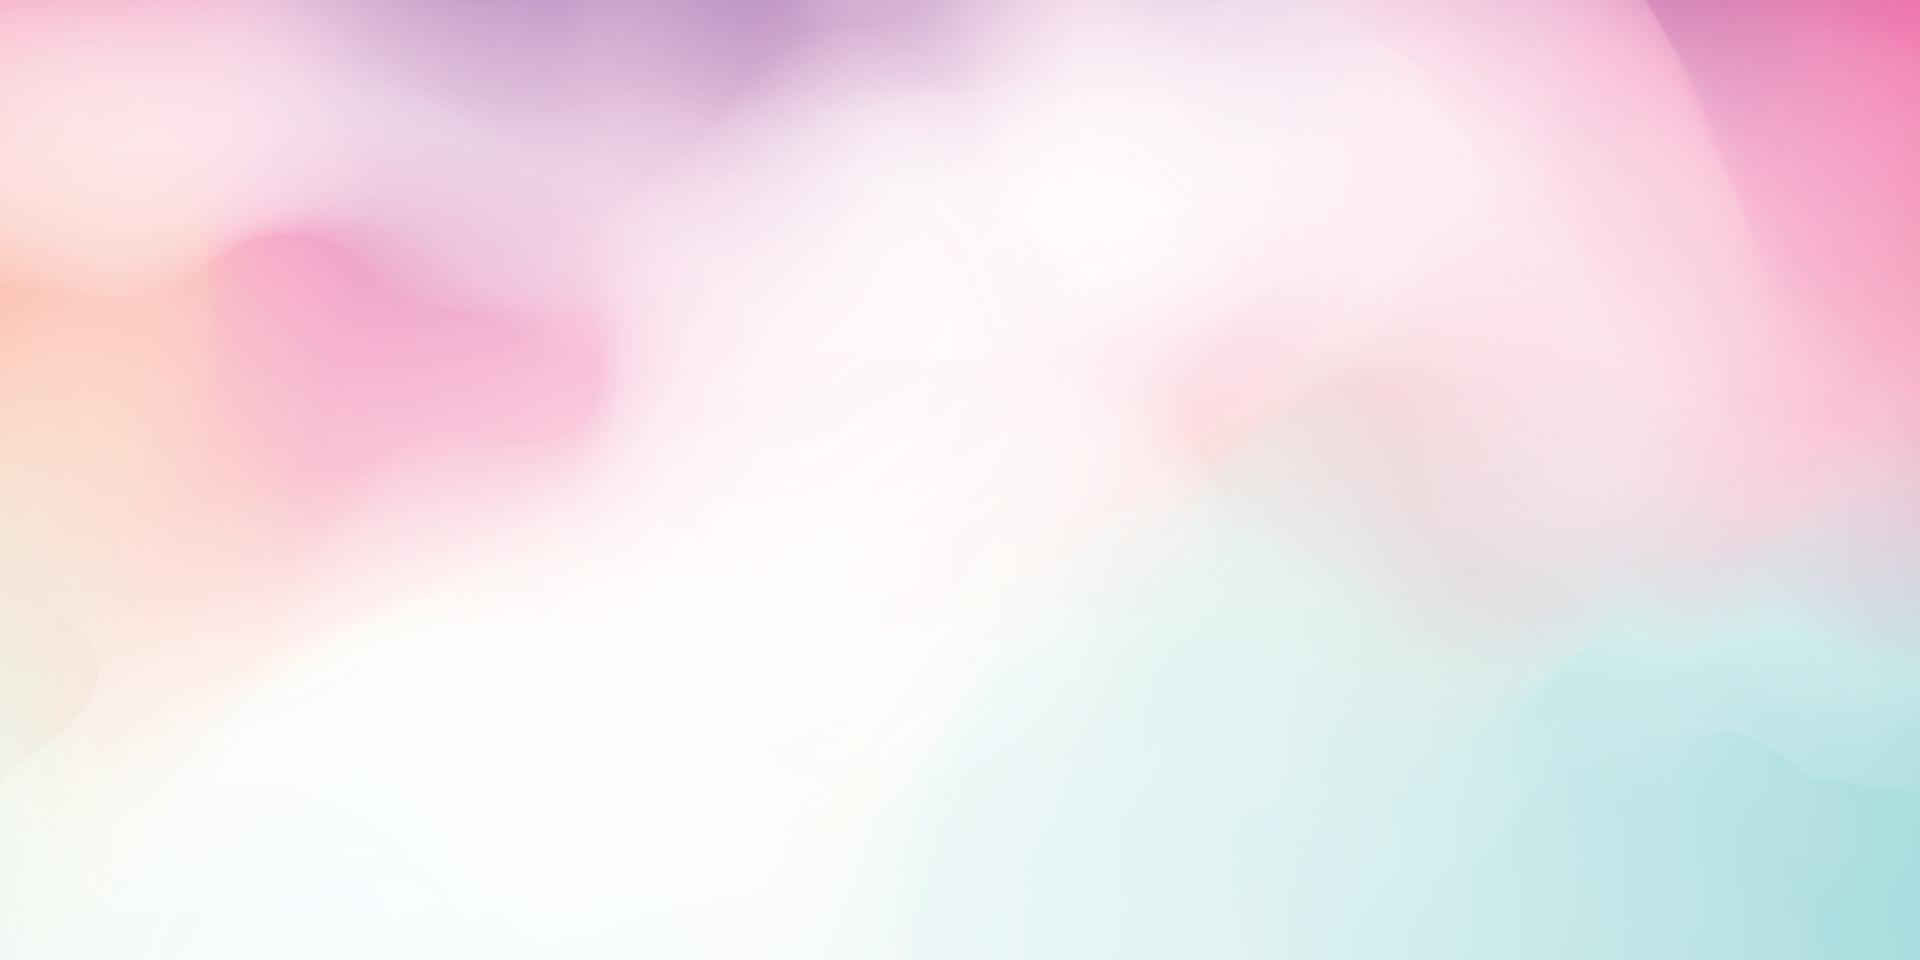 abstract pastel kleurrijk verloop achtergrondconcept voor uw grafisch kleurrijk ontwerp, vector